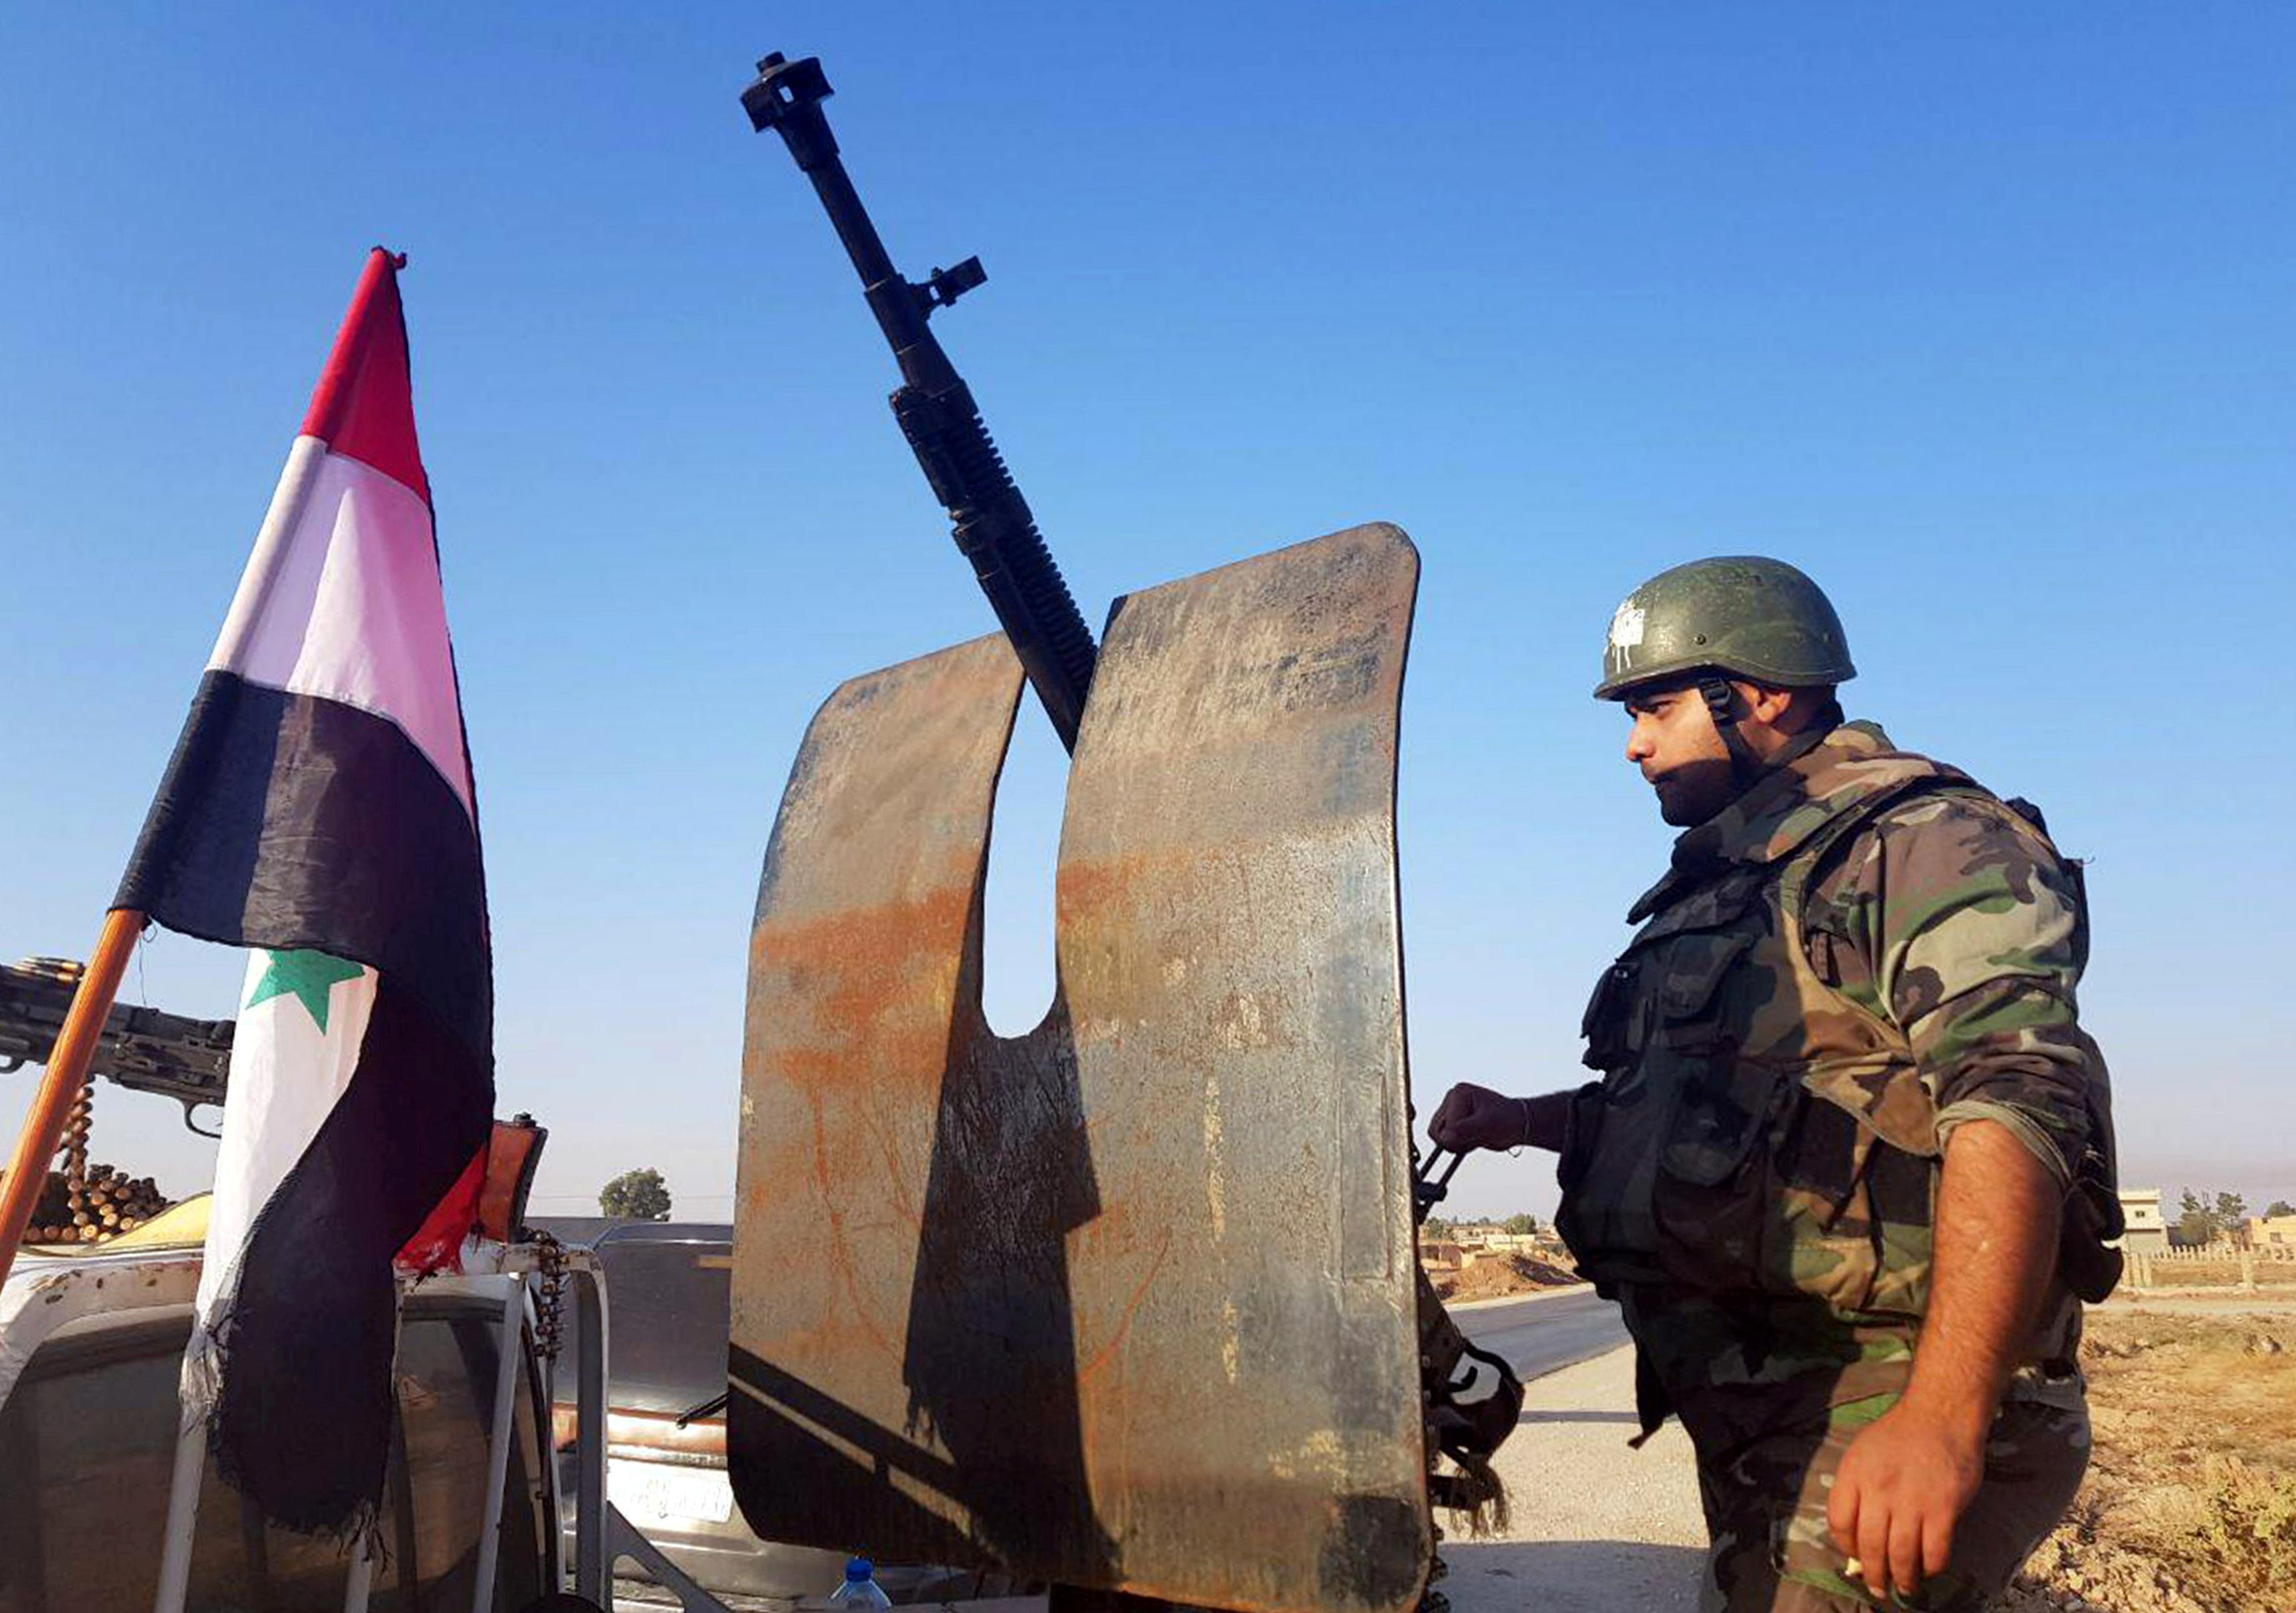 Συρία: Ο συριακός στρατός μπήκε στο Κομπάνι